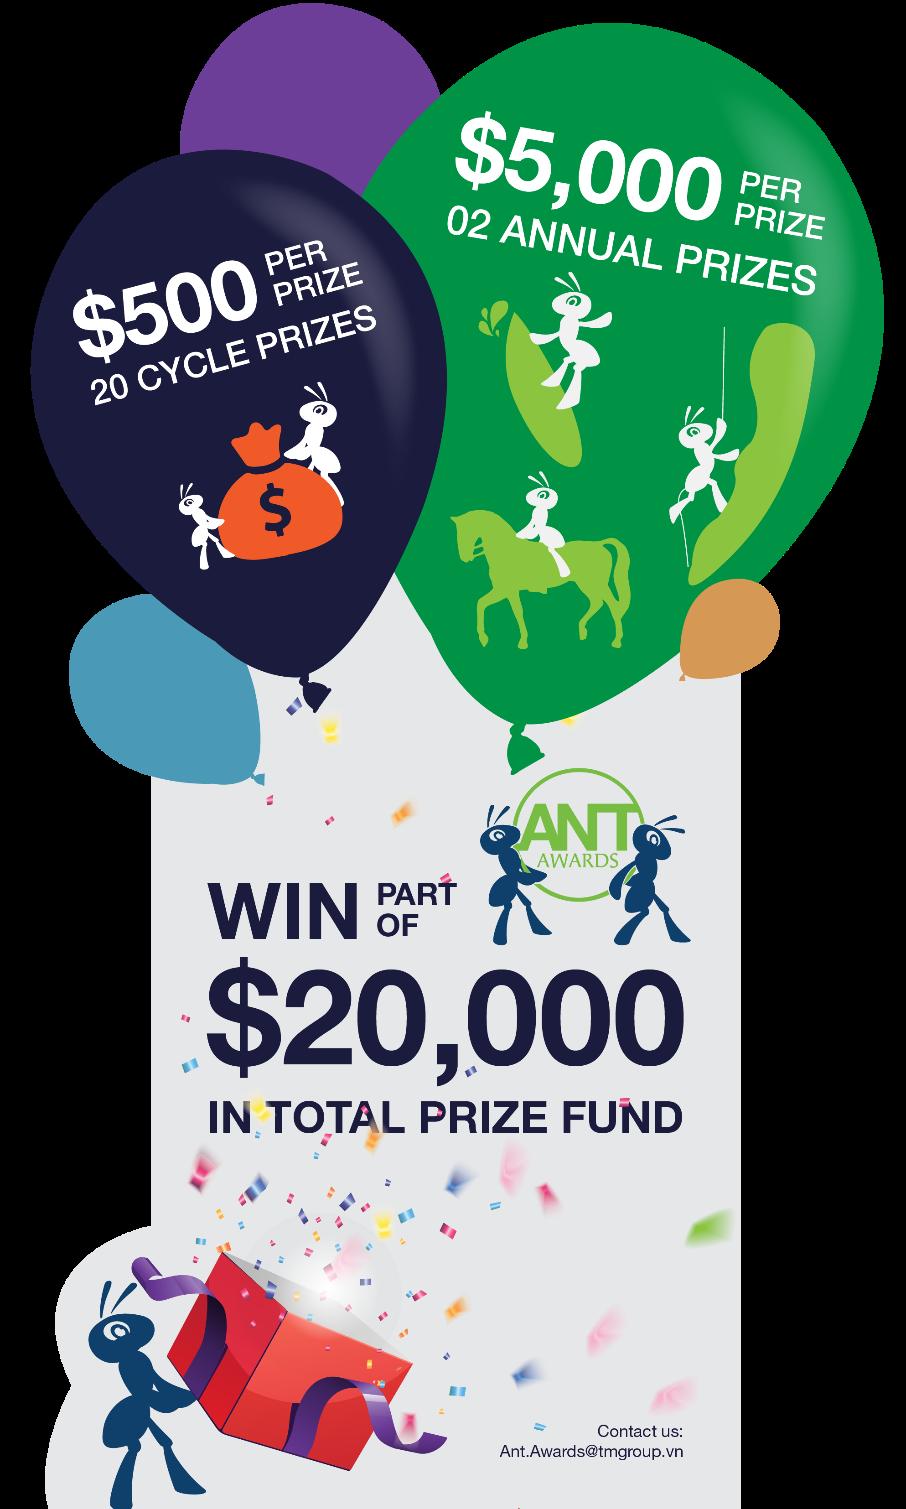 Tổng giá trị của giải thưởng Ant Awards  lên đến gần 20.000 USD